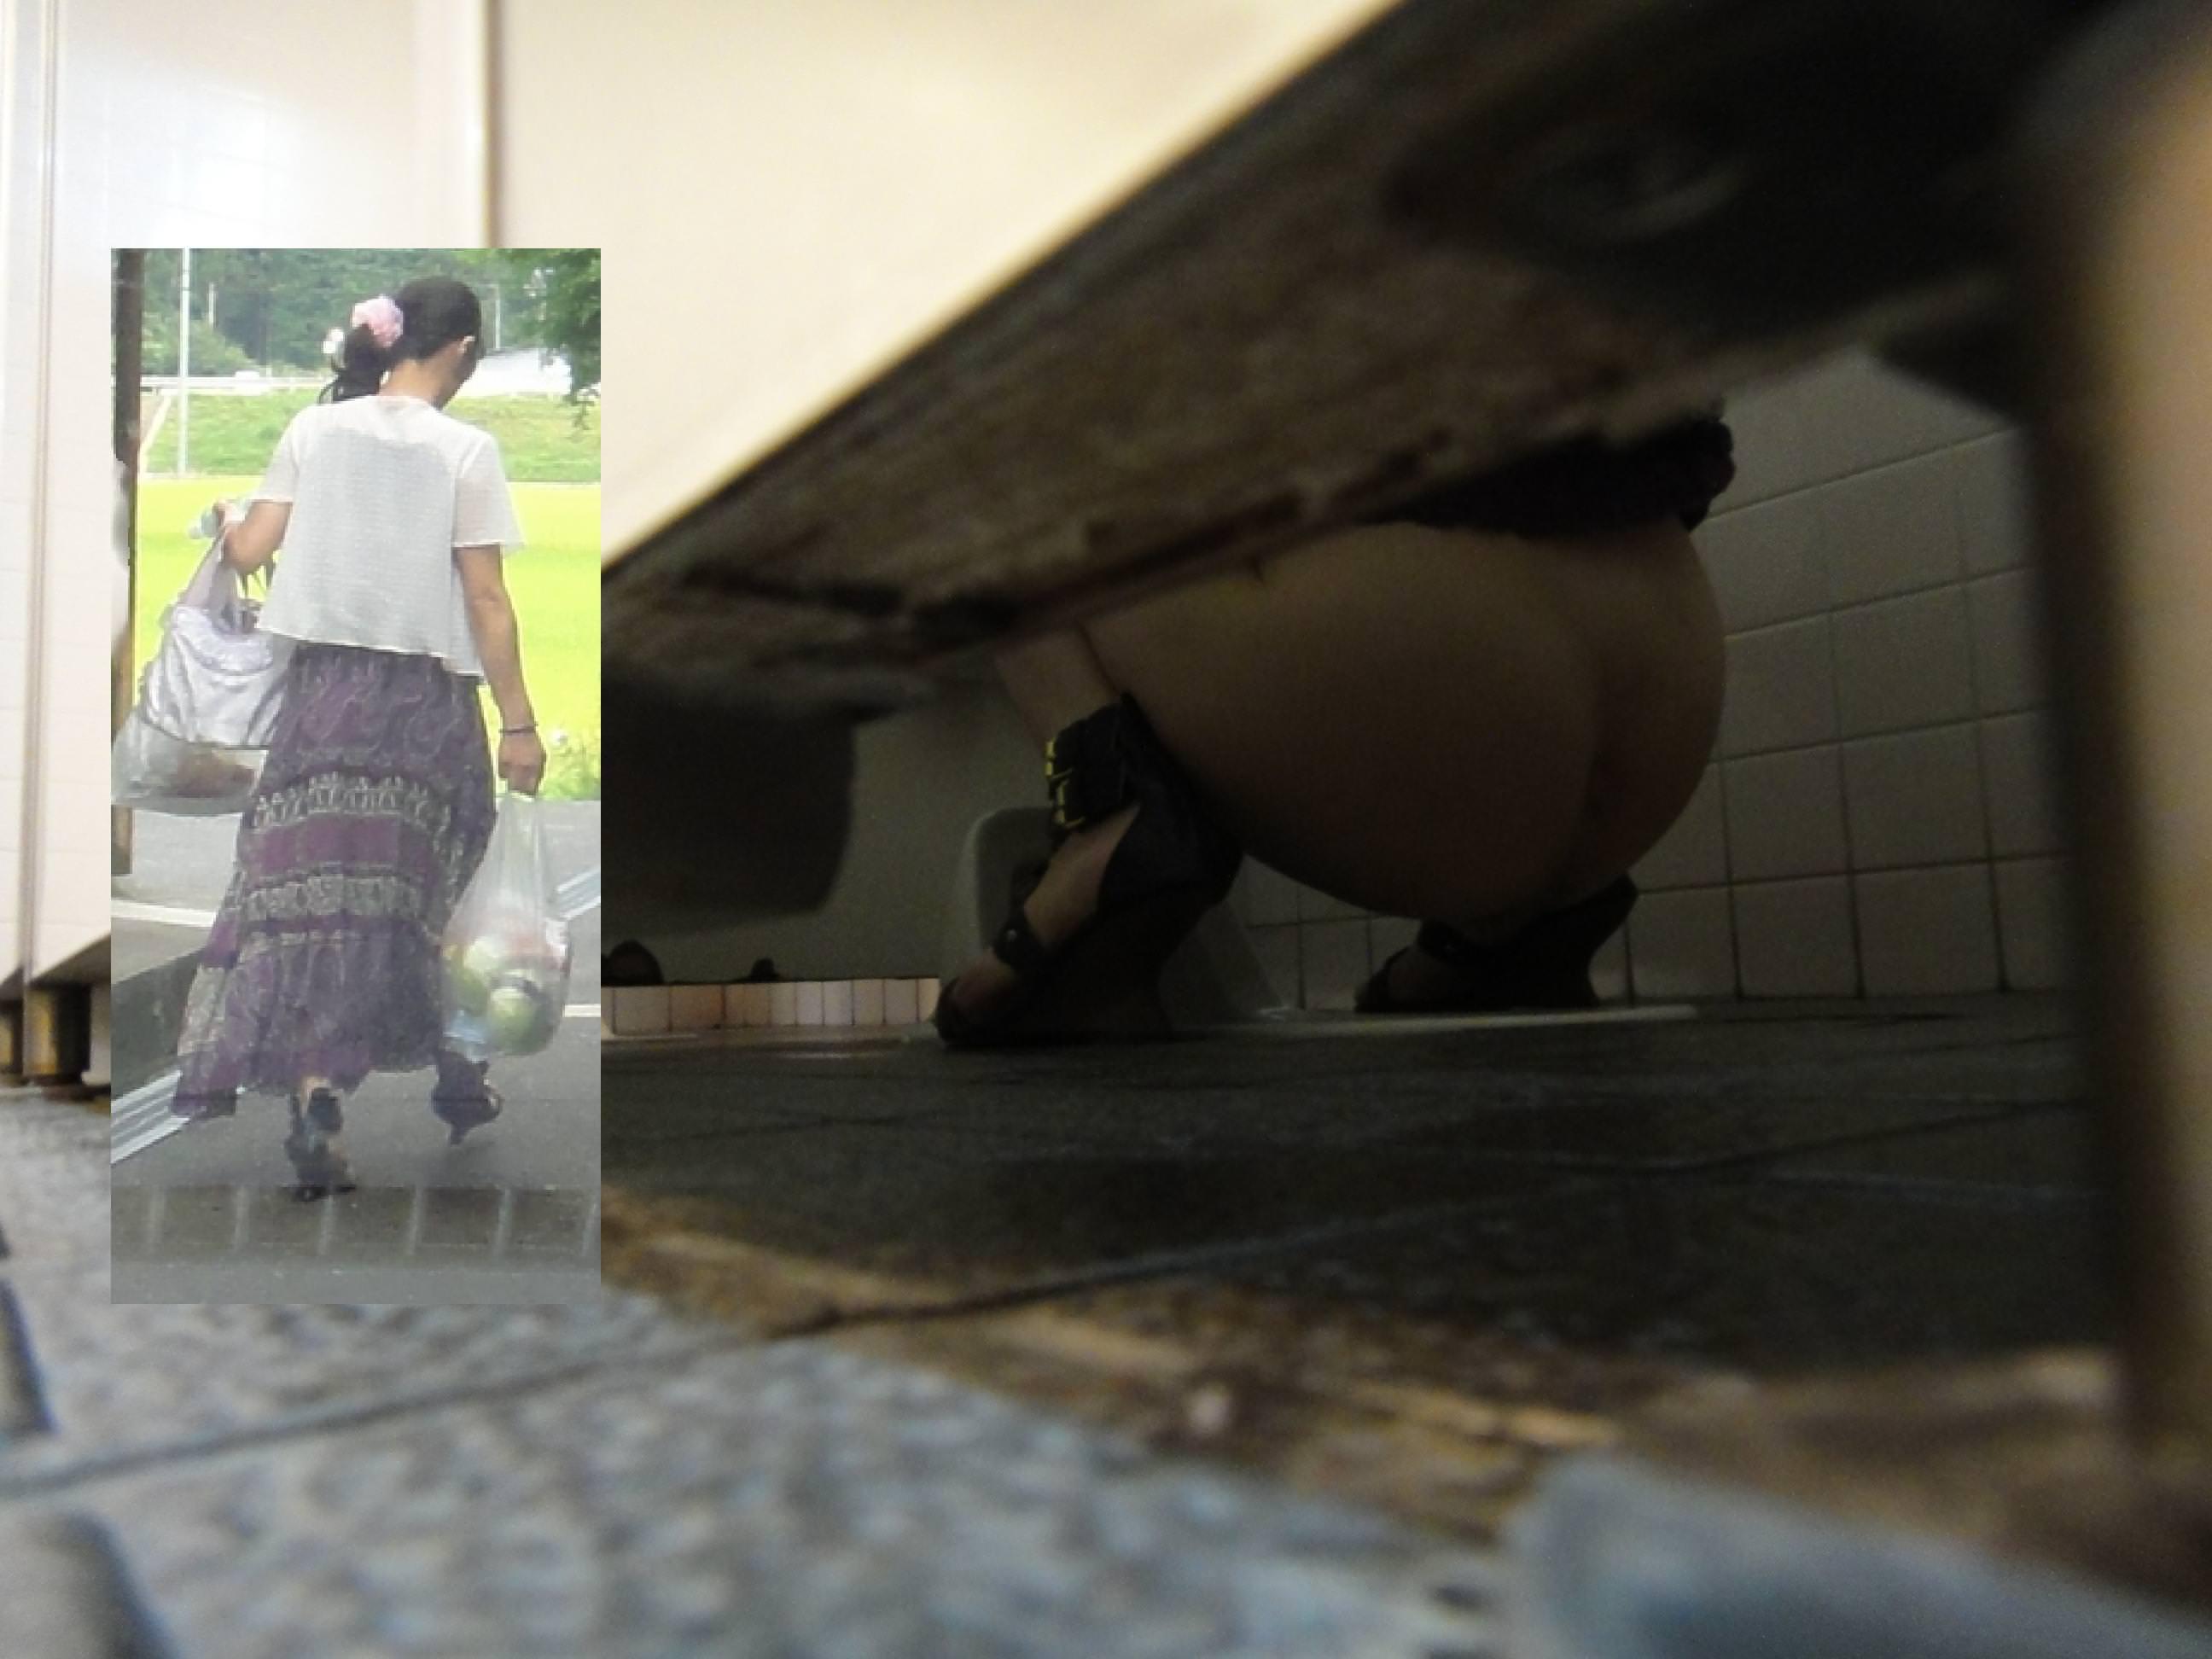 生々しすぎるガチ素人の放尿シーン!!女子トイレ盗撮画像!! 21603